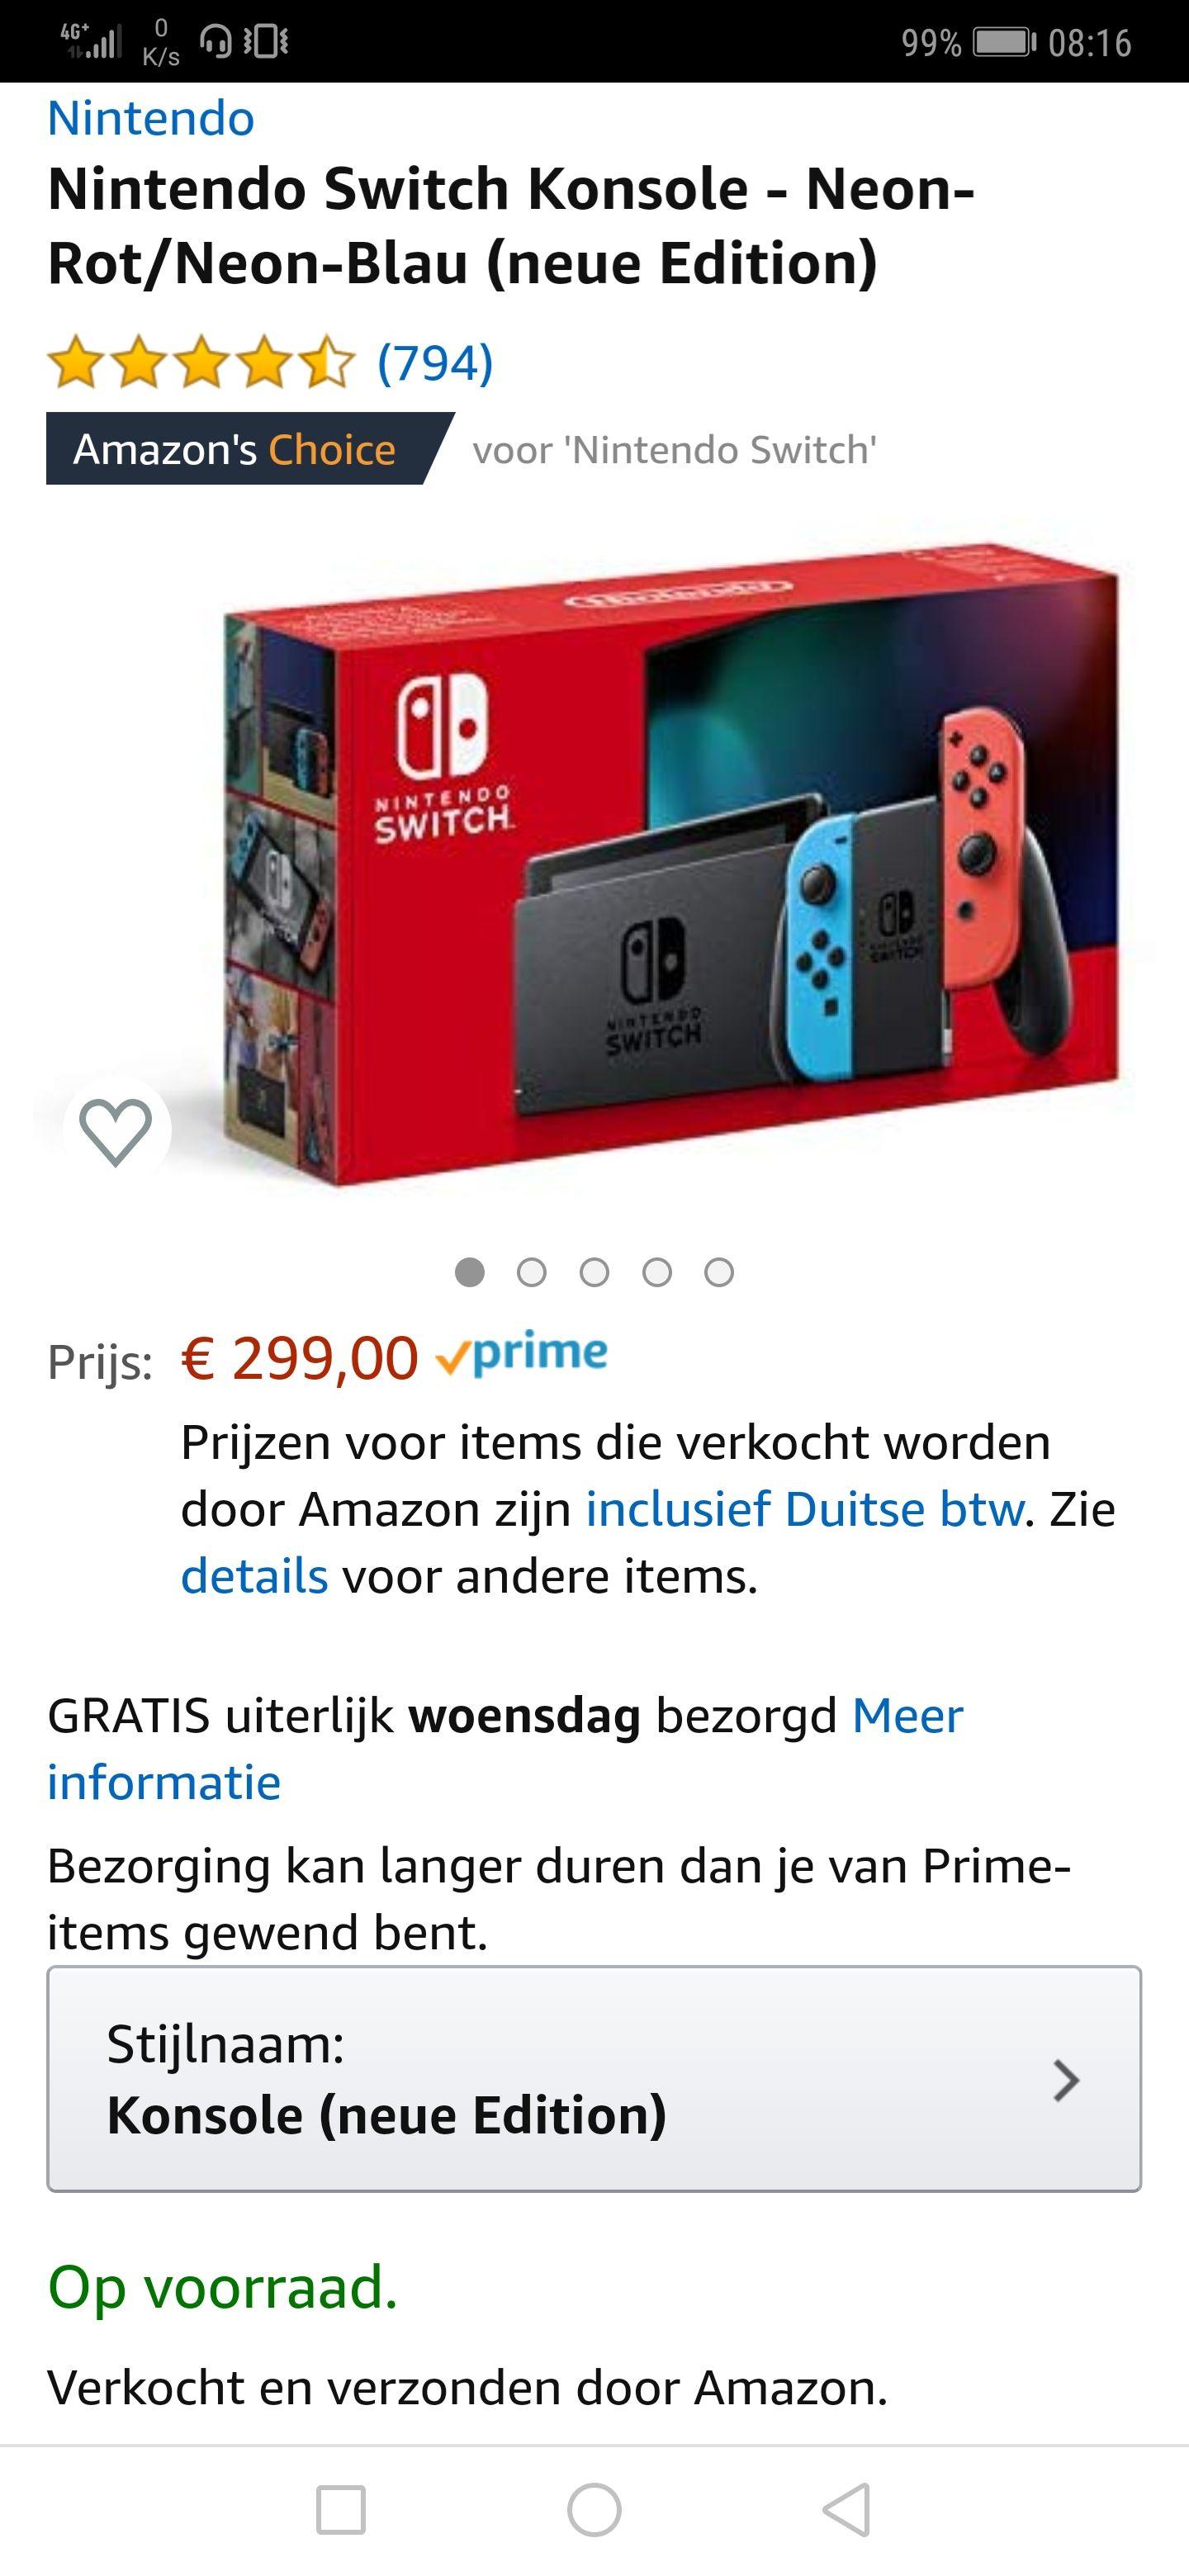 Nintendo Switch 2019 rood/blauw editie voor 299 euro bij Amazon.de